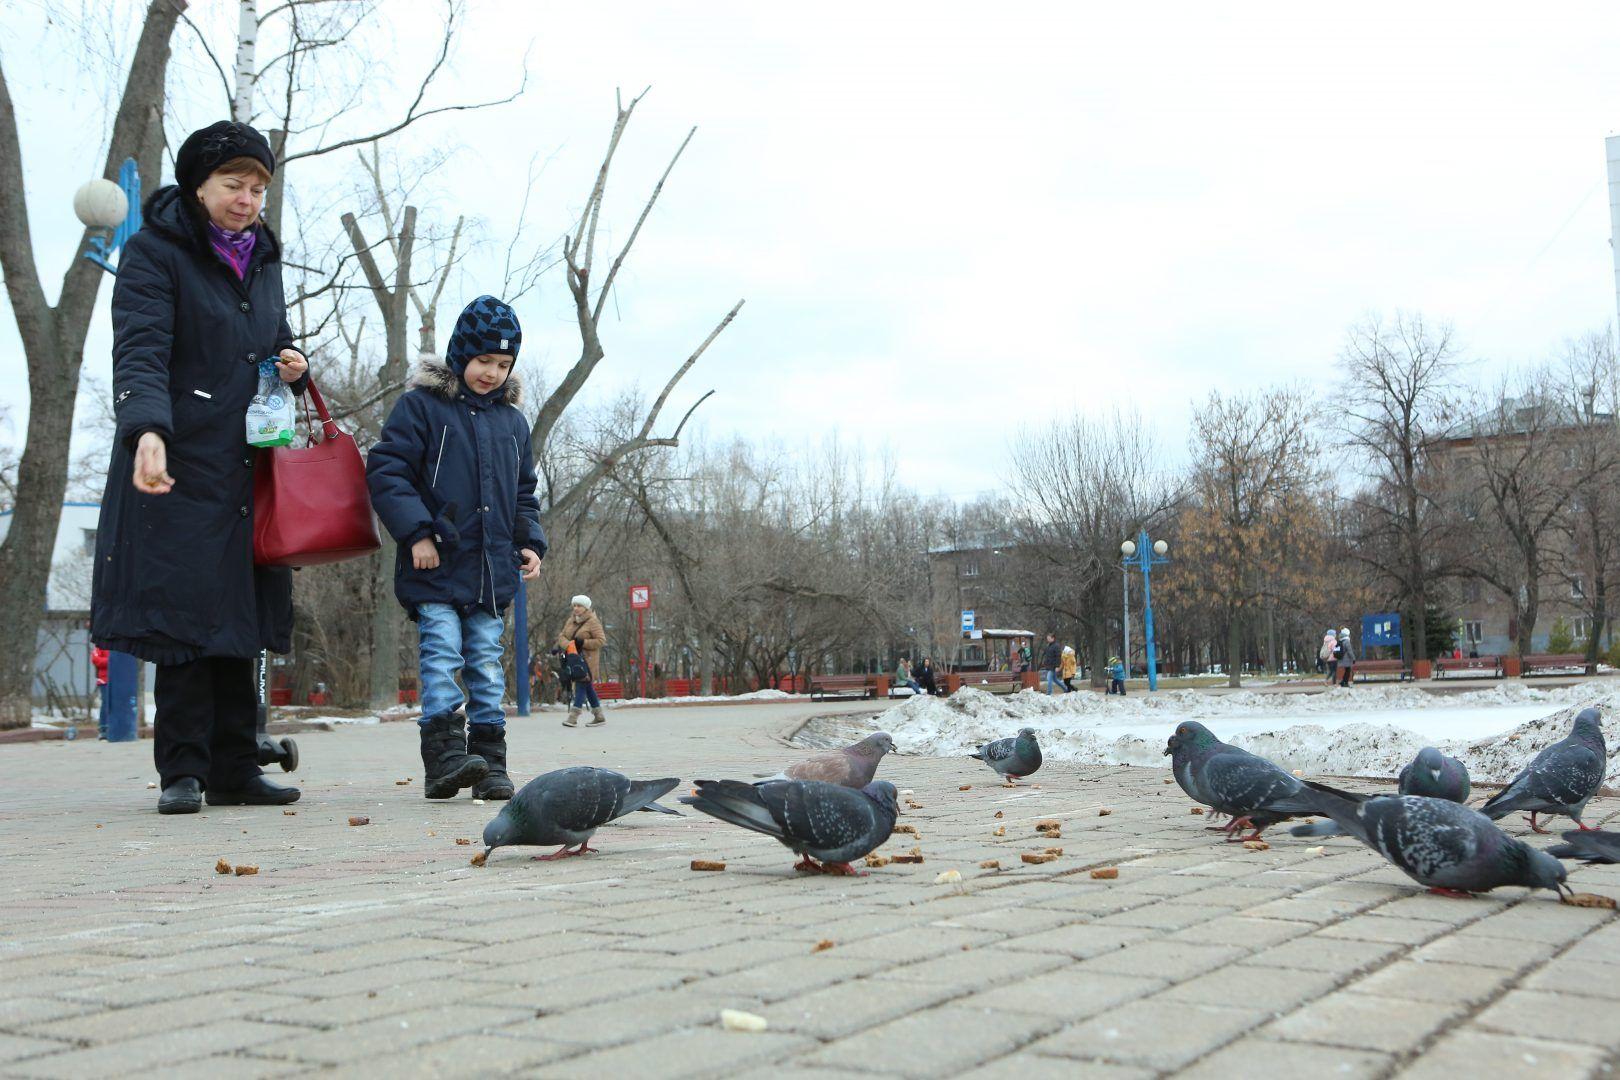 Дополнительные парки создадут в Новой Москве. Фото: Алексей Орлов, «Вечерняя Москва»